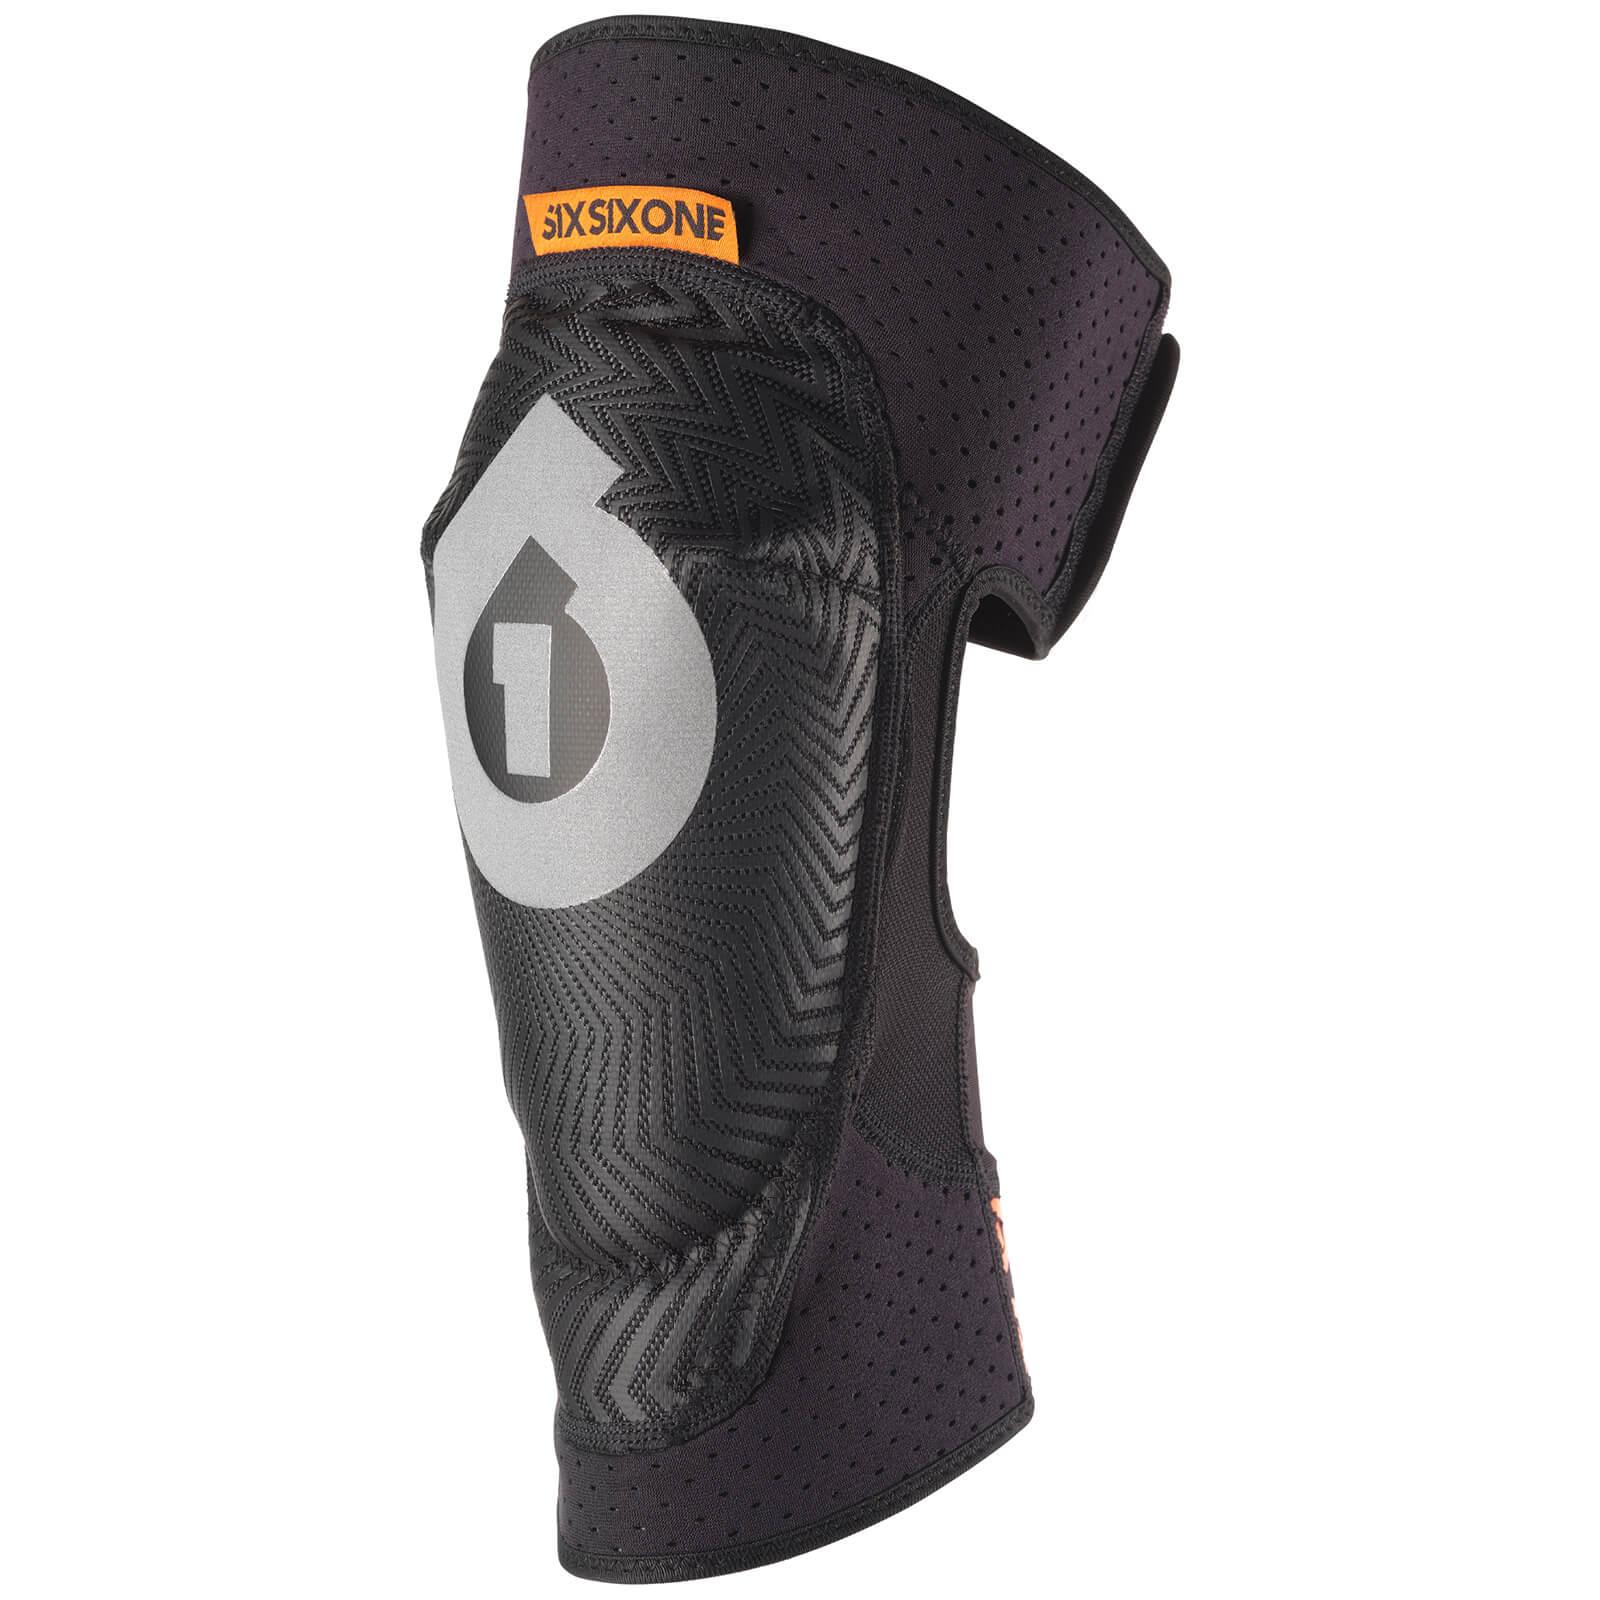 SixSixOne Comp AM Knee Pads - S